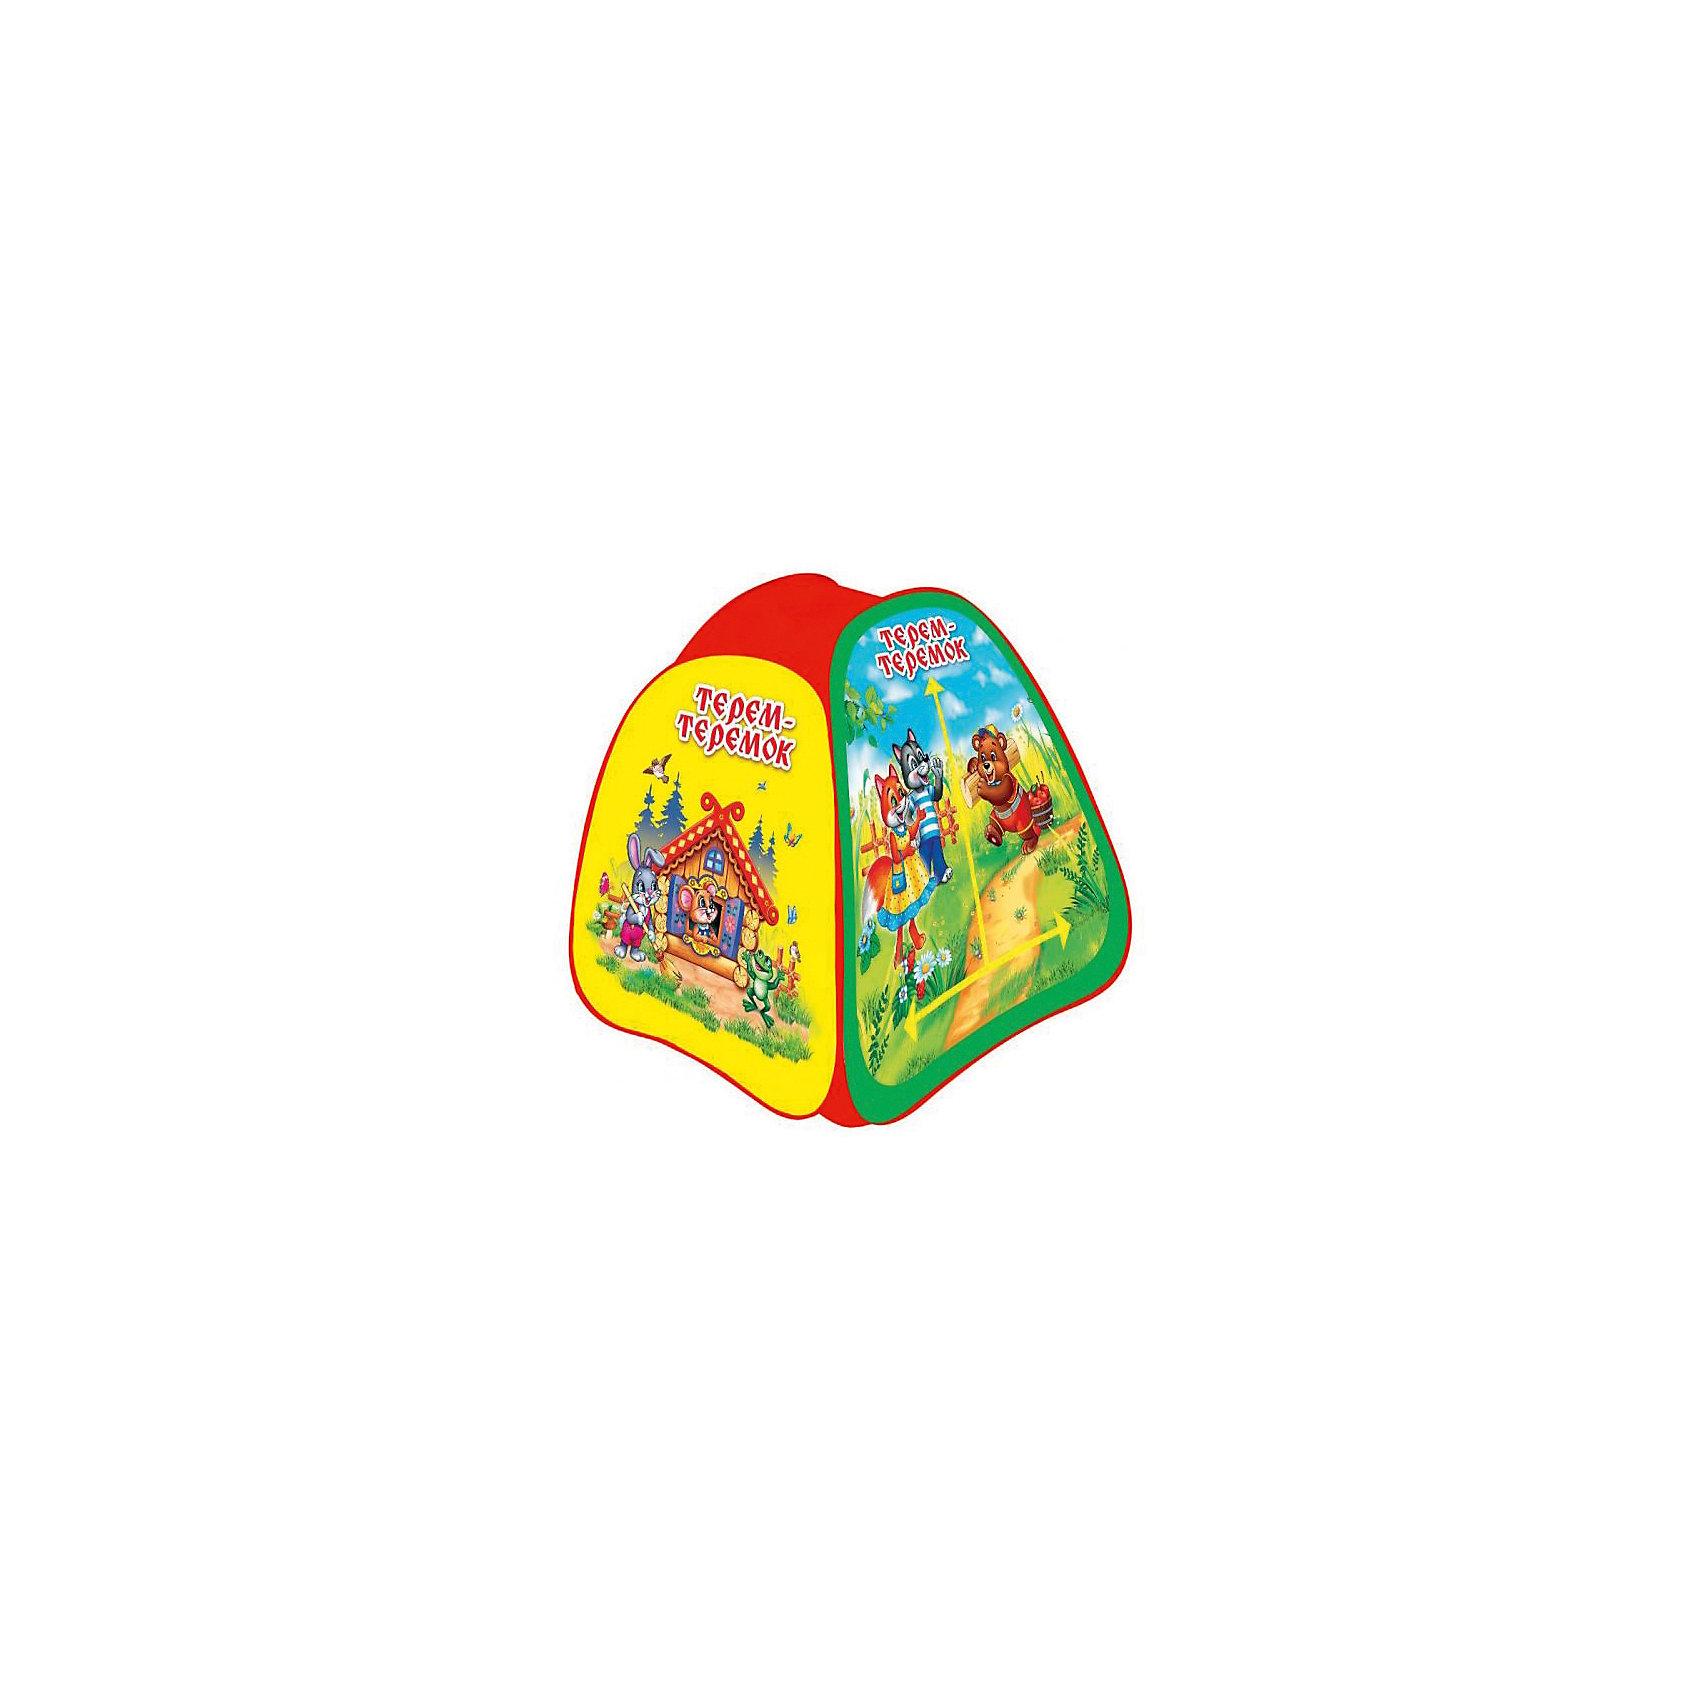 Палатка Теремок, в сумке, Играем вместеИгровые центры<br>Детская игровая палатка Теремок, Играем вместе, станет чудесным подарком для Вашего ребенка. Красочная разноцветная палатка выполнена по мотивам русской народной сказки Теремок и украшена изображениями симпатичных зверюшек. Палатка оснащена дверью на липучке и окнами из сетчатого материала. Благодаря самораскладывающемуся каркасу-спирали палатка легко собирается и складывается. Этот замечательный игровой домик поможет Вашему ребенку создать свой уютный уголок для игр как в помещении, так и на улице. Палатка компактно складывается в небольшую сумочку, поэтому ее удобно брать с собой на прогулку или в поездку. Выполнена из прочного, водонепроницаемого, моющегося материала. Яркая палатка будет чудесным местом для самостоятельной игры ребёнка и отлично подойдёт для сюжетно-ролевых игр. <br><br>Дополнительная информация:<br><br>- Материал: текстиль, пластик.<br>- Размер палатки: 81 х 91 х 81 см.<br>- Размер упаковки: 37 х 37 х 3 см.<br>- Вес с упаковкой: 0,67 кг. <br><br>Детскую игровую палатку Теремок, в сумке, Играем вместе, можно купить в нашем интернет-магазине.<br><br>Ширина мм: 370<br>Глубина мм: 370<br>Высота мм: 30<br>Вес г: 670<br>Возраст от месяцев: 36<br>Возраст до месяцев: 120<br>Пол: Унисекс<br>Возраст: Детский<br>SKU: 4546560